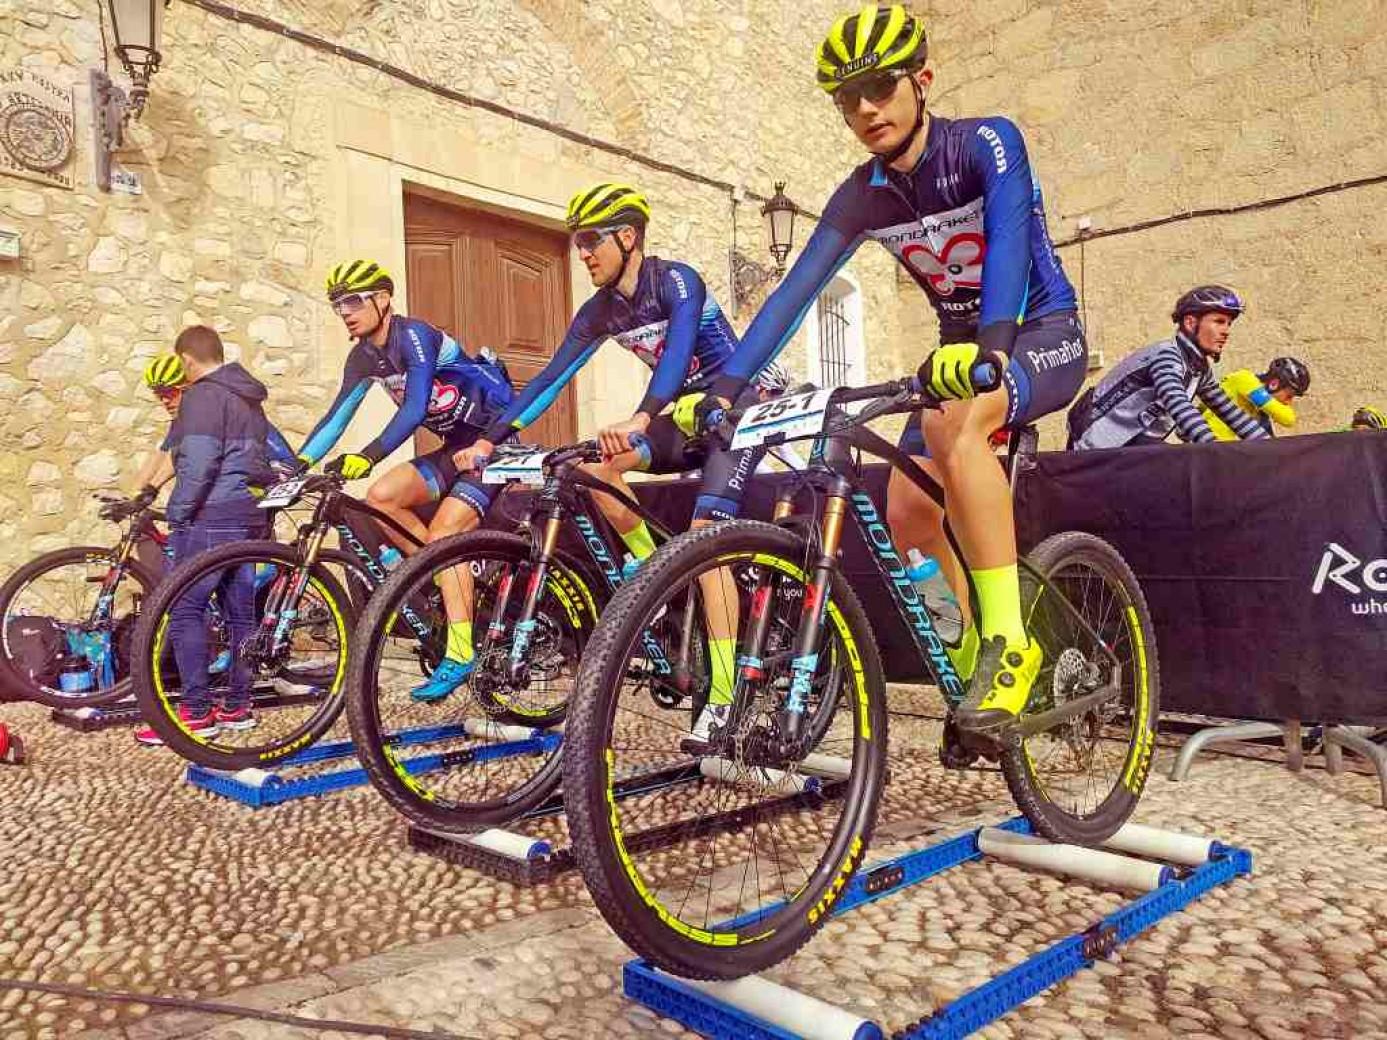 rodillo-rullos-vs-rodillo-bicicleta/